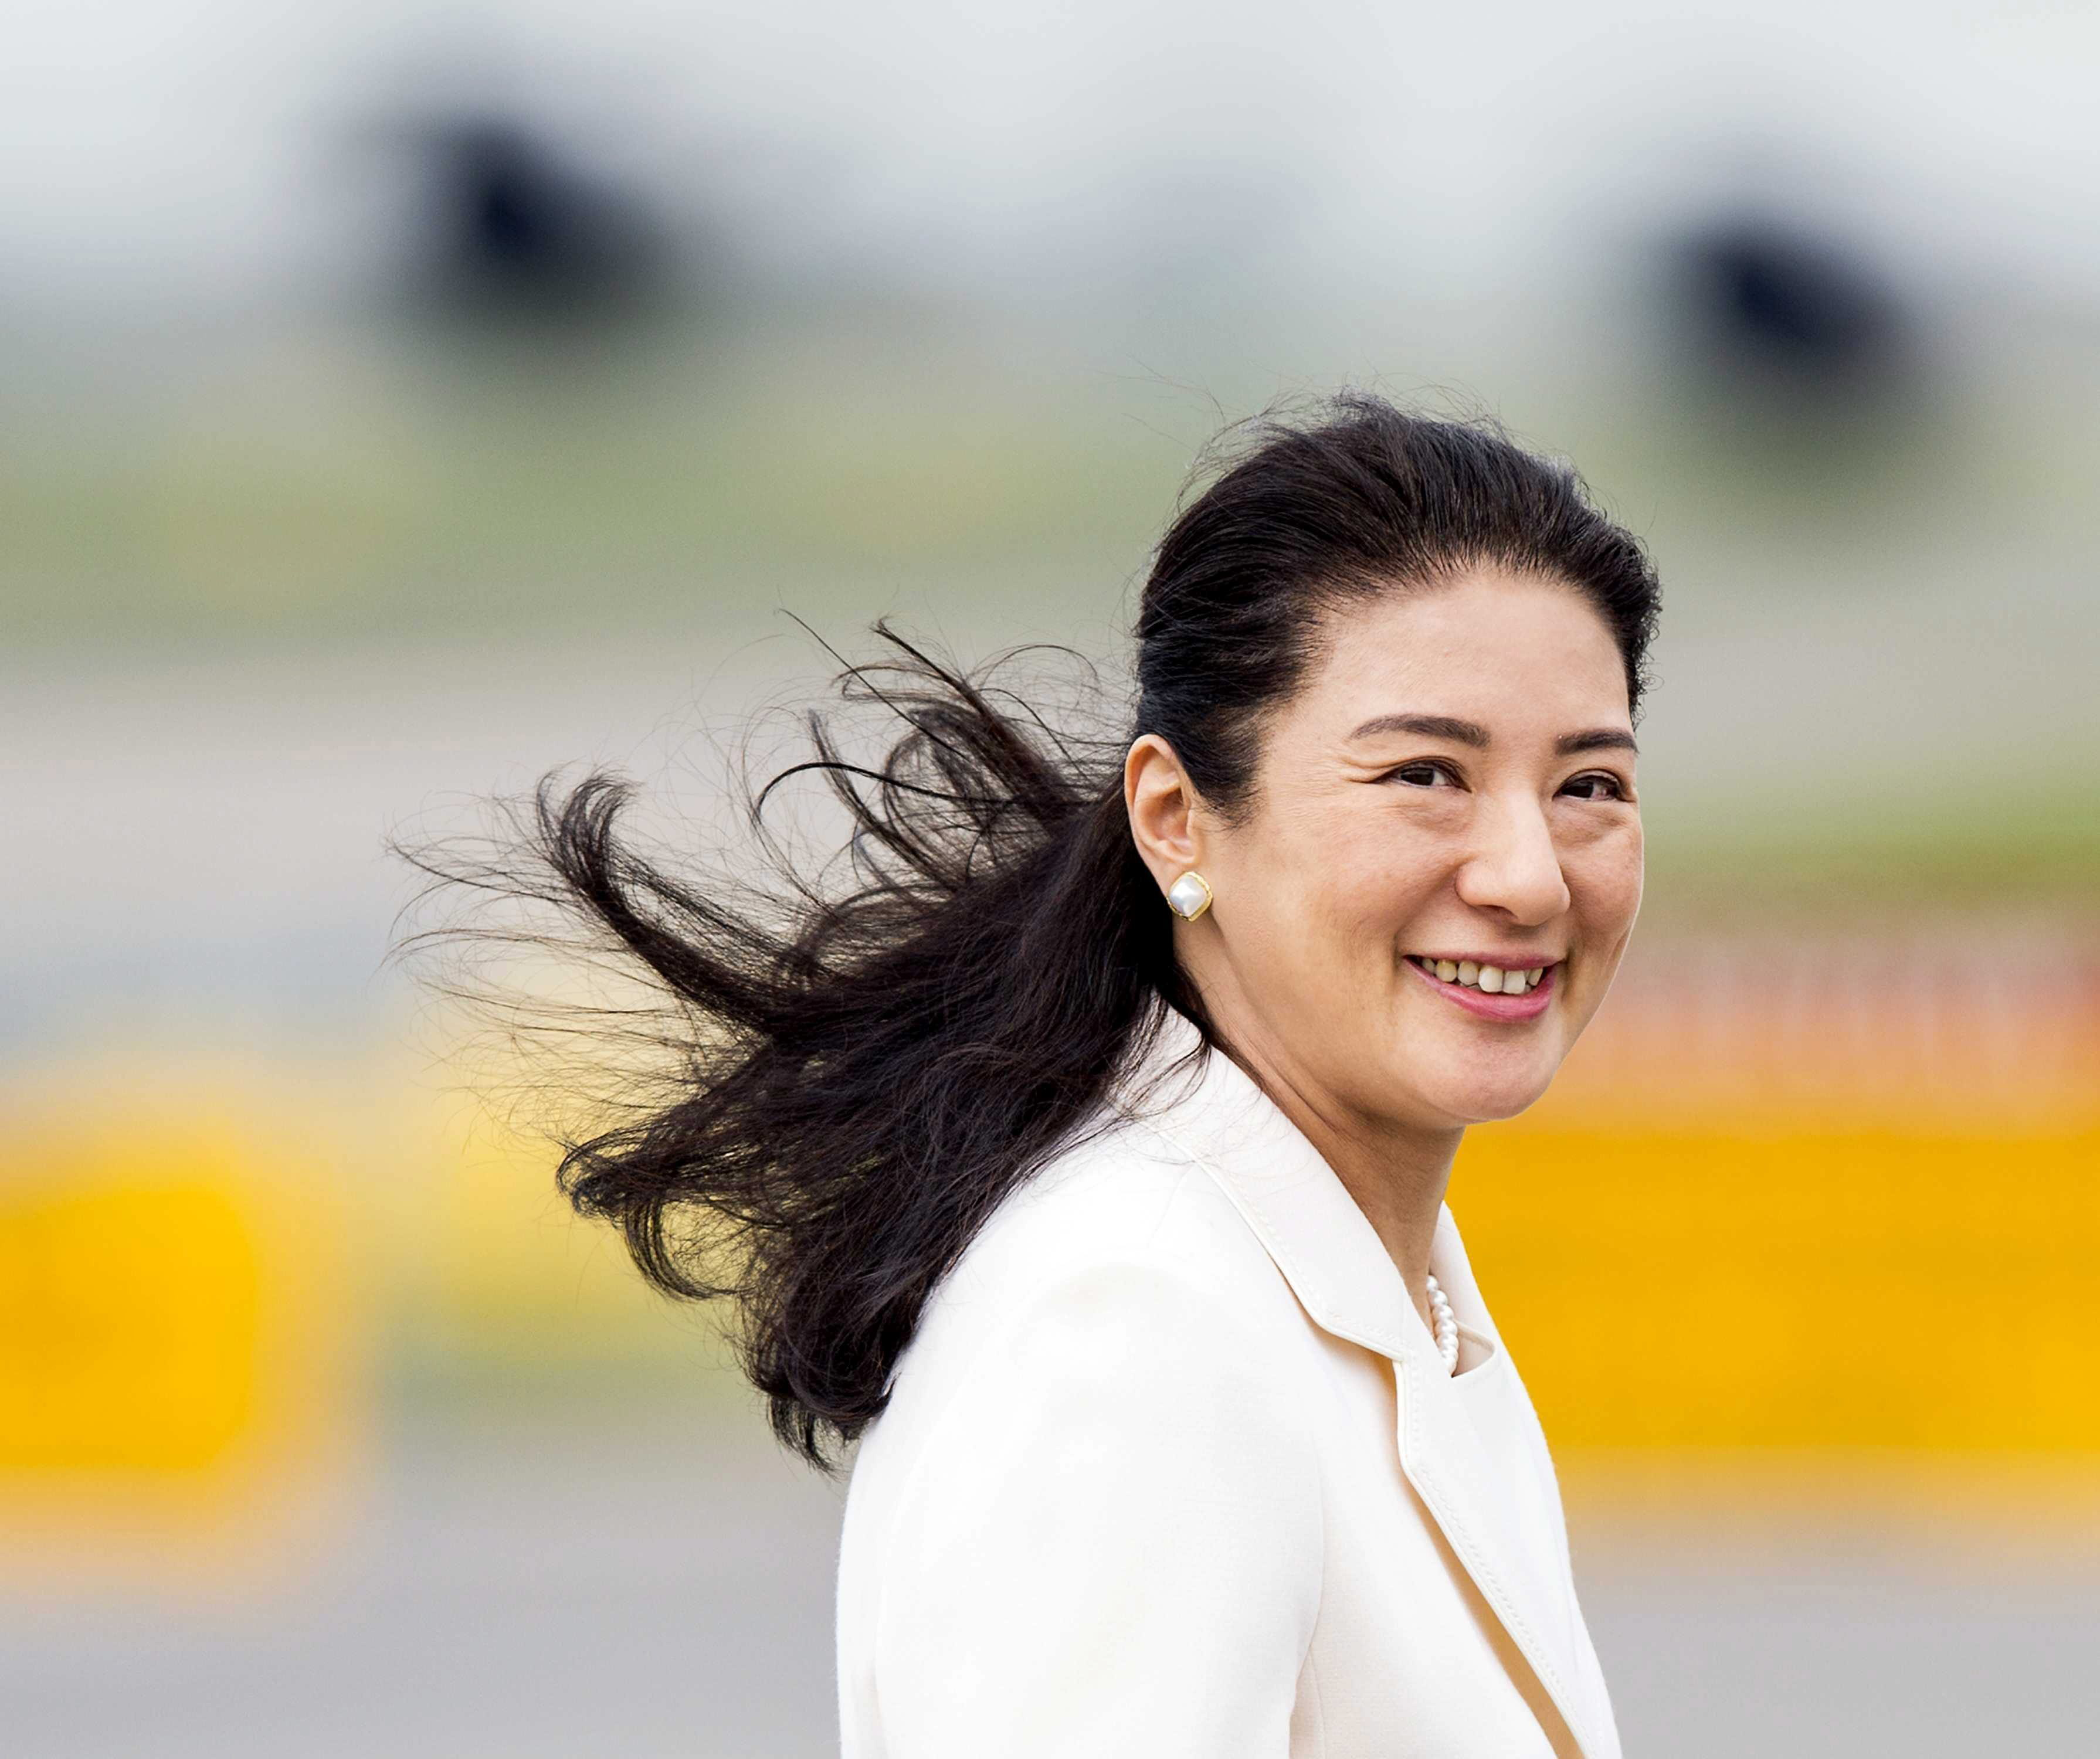 La princesa Masako de Japón vuelve a cancelar un viaje por su delicada salud